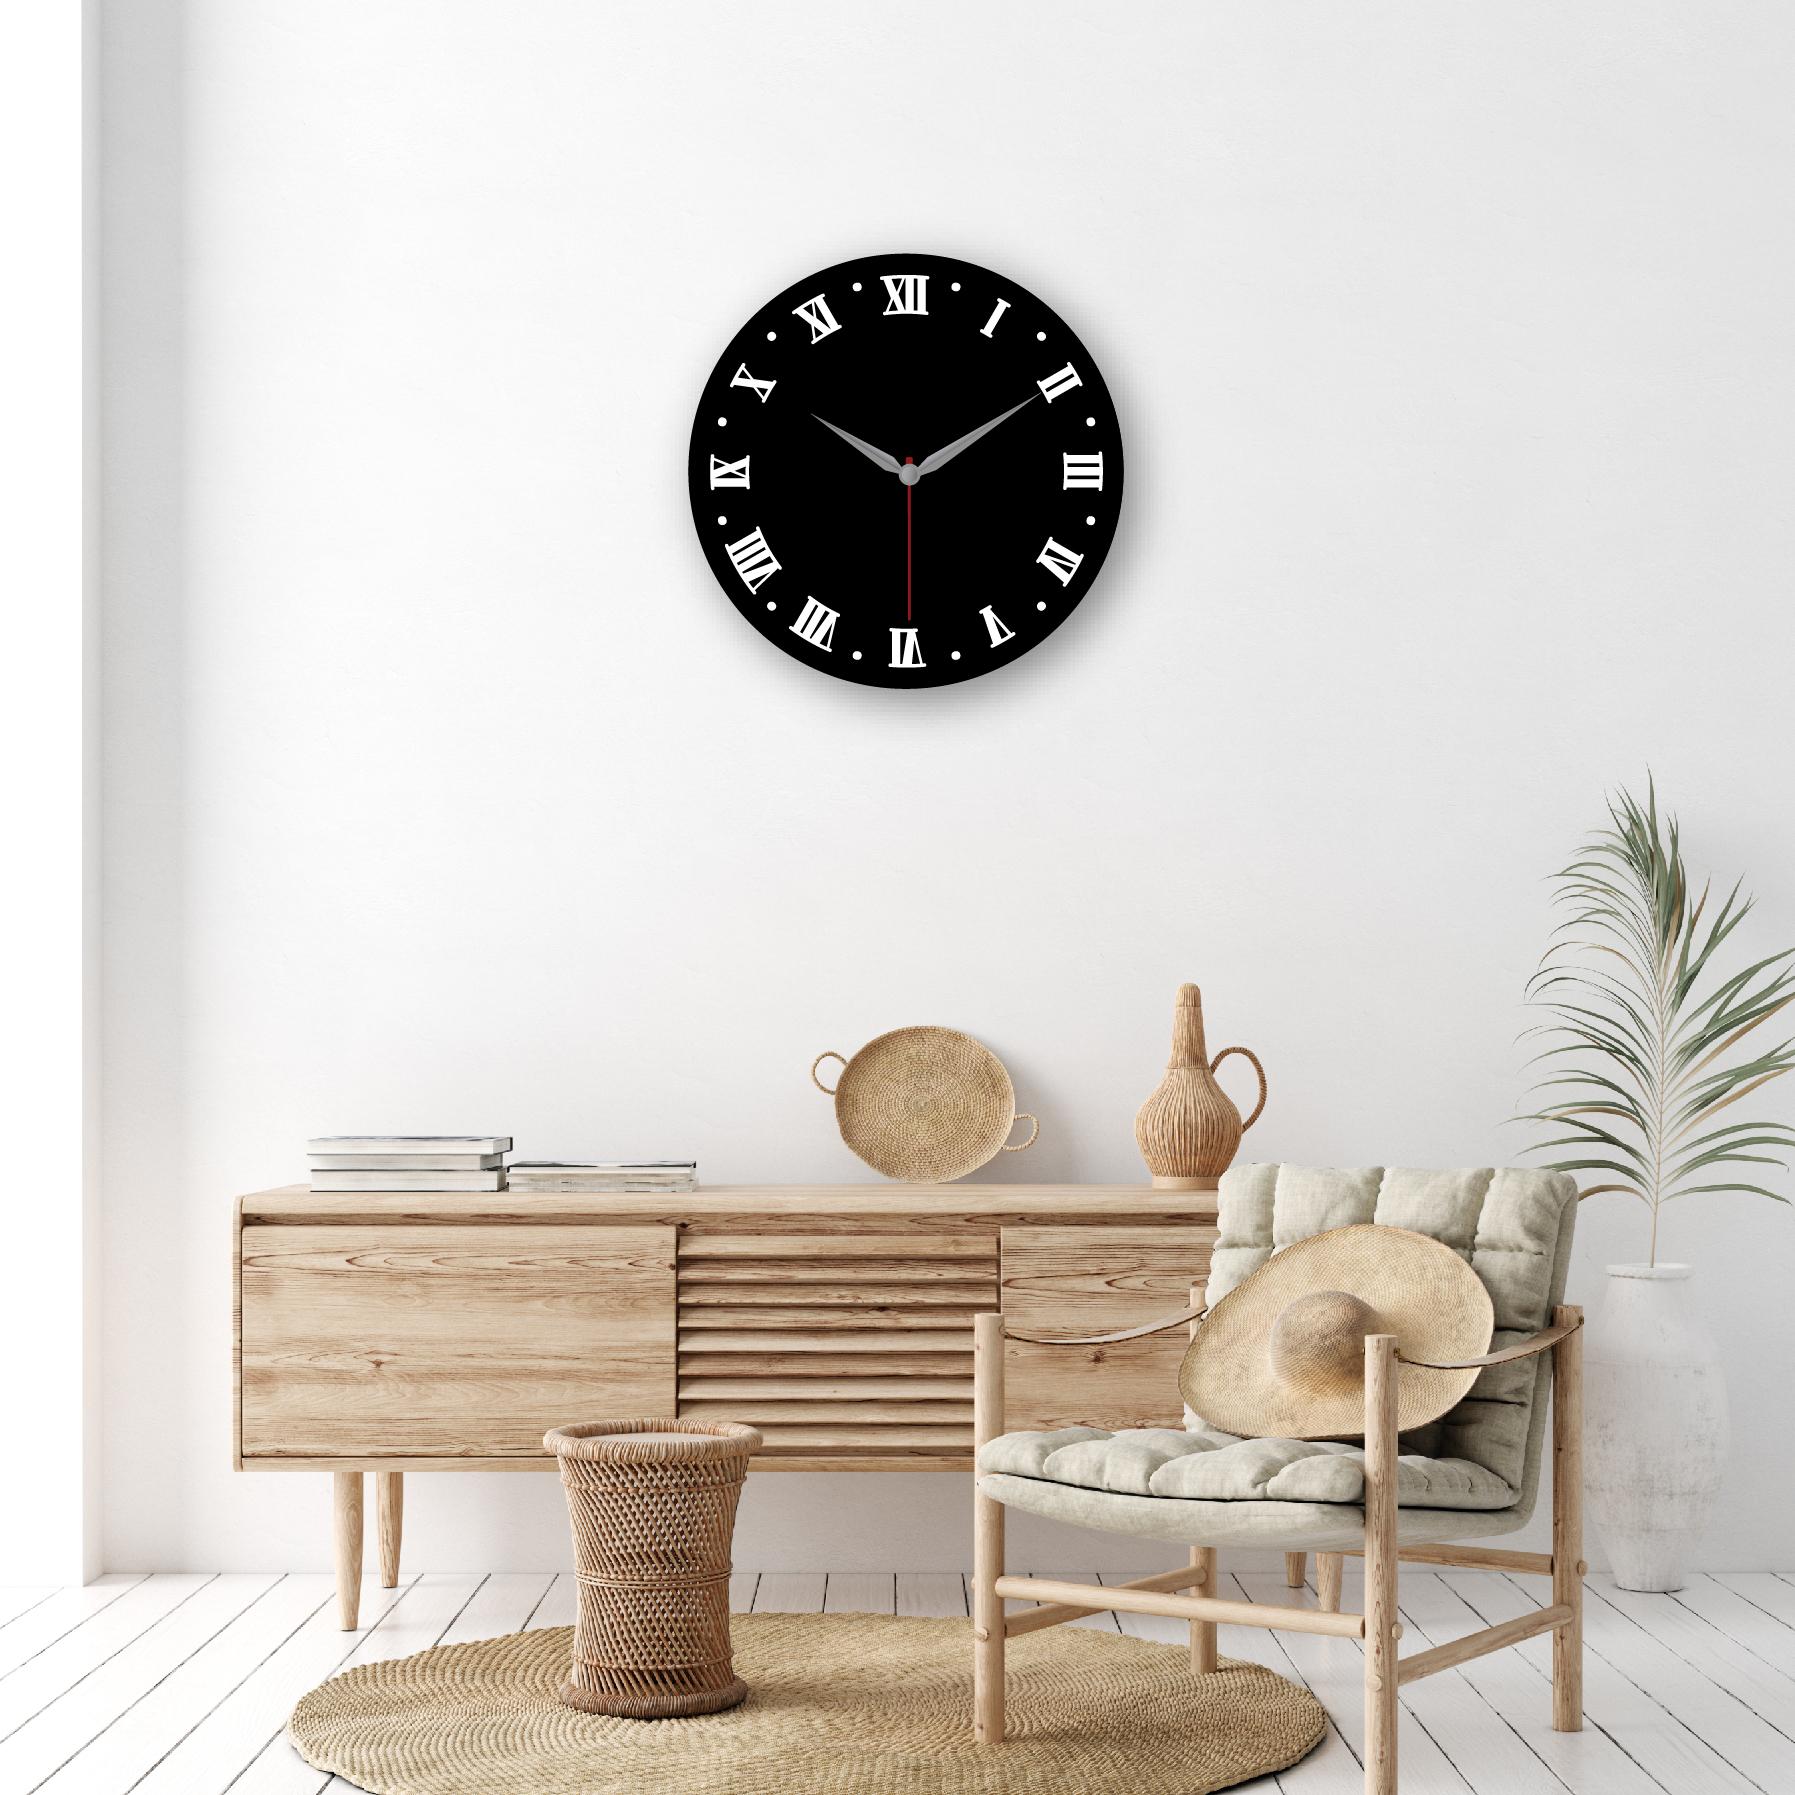 Dijital Baskılı Dekoratif Mdf Duvar Saati Model-1